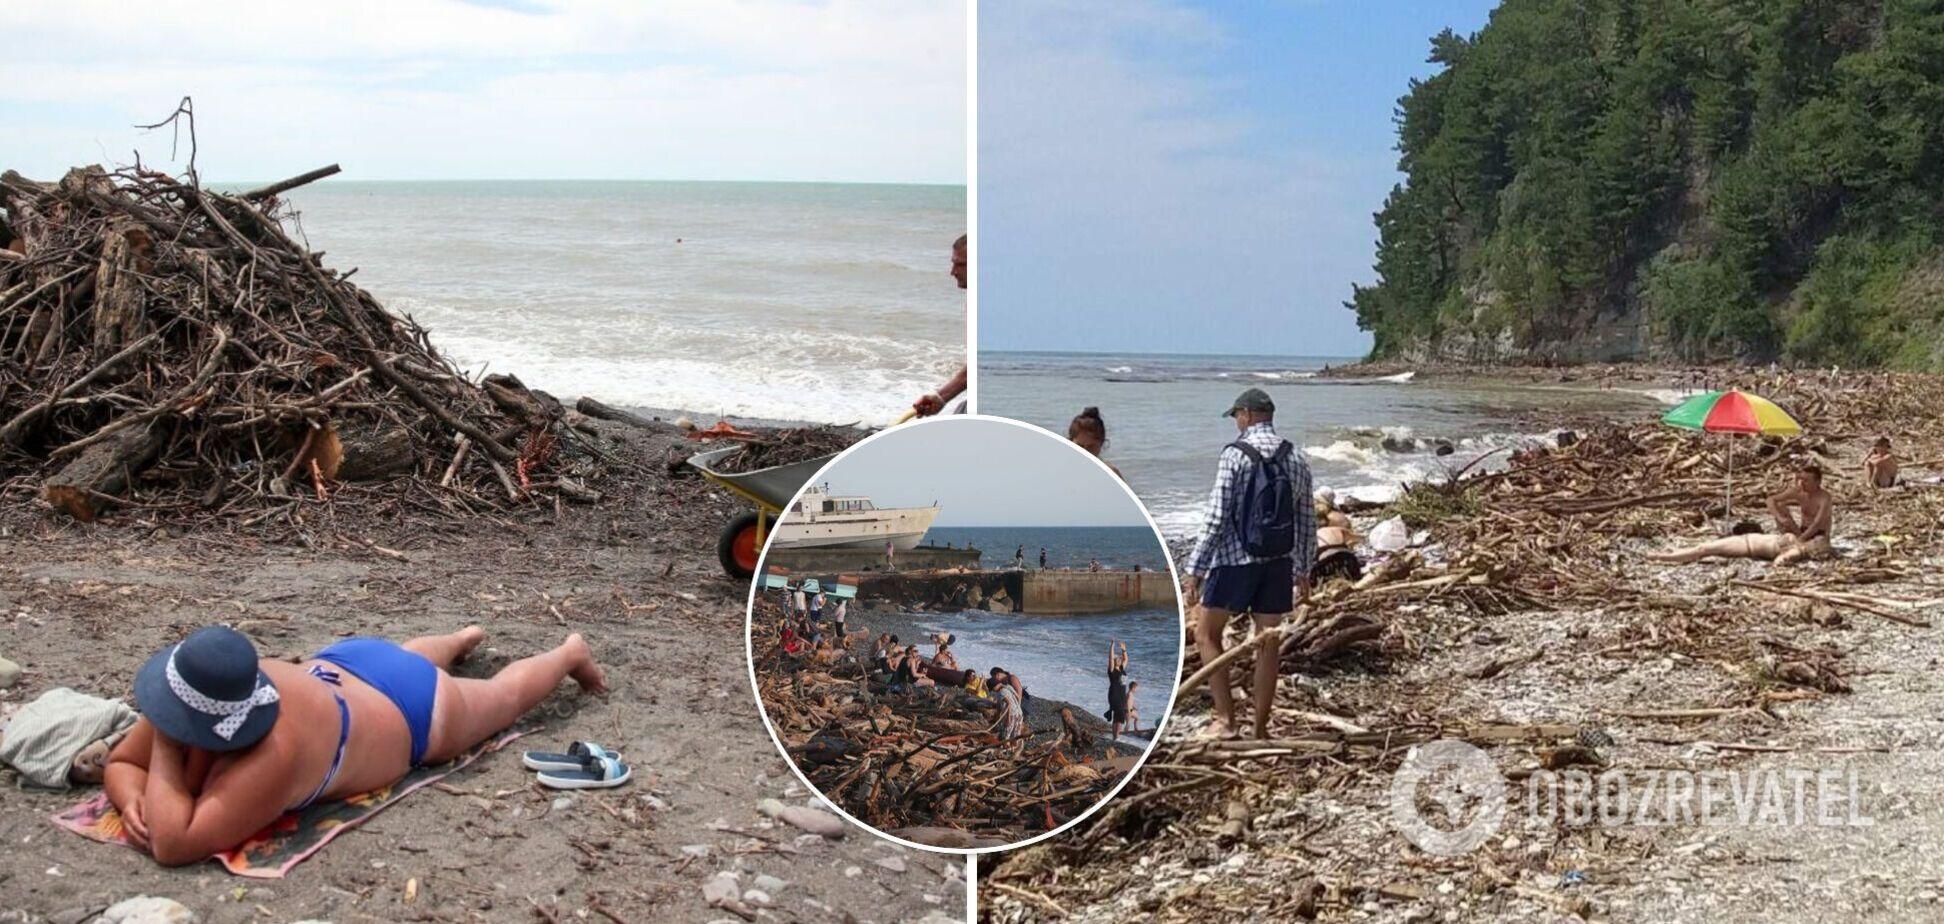 В Сочи туристы загорают прямо посреди мусора, вынесенного стихией на пляж. Фото отдыха 'по-русски'